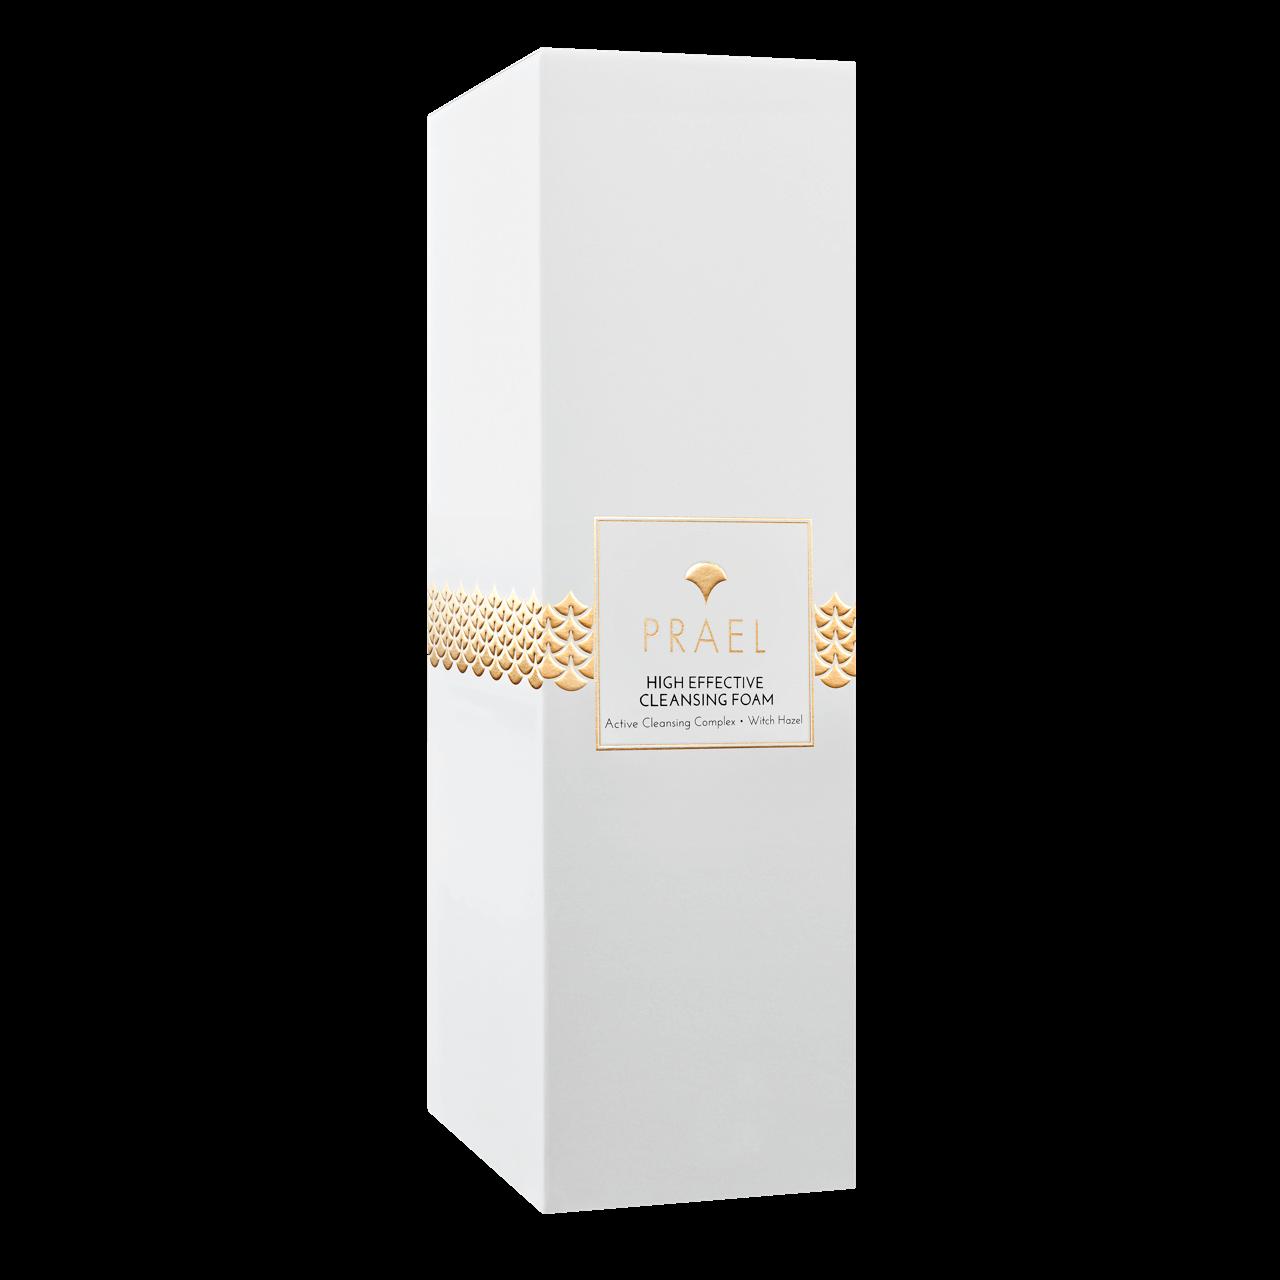 cleansing-foam-box